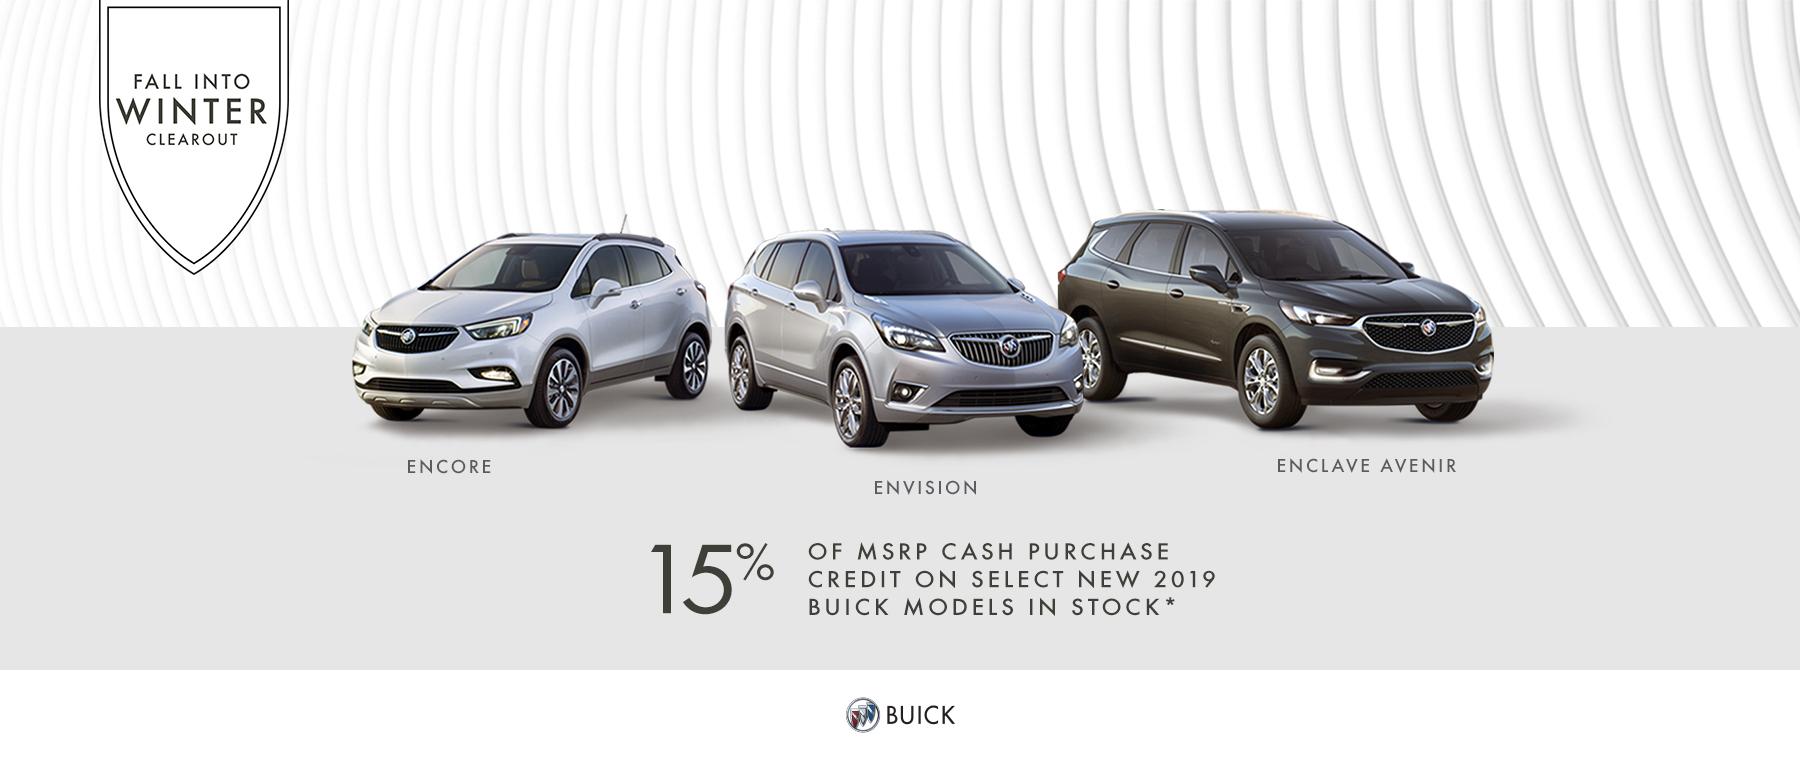 2019 Buick Multi-Line